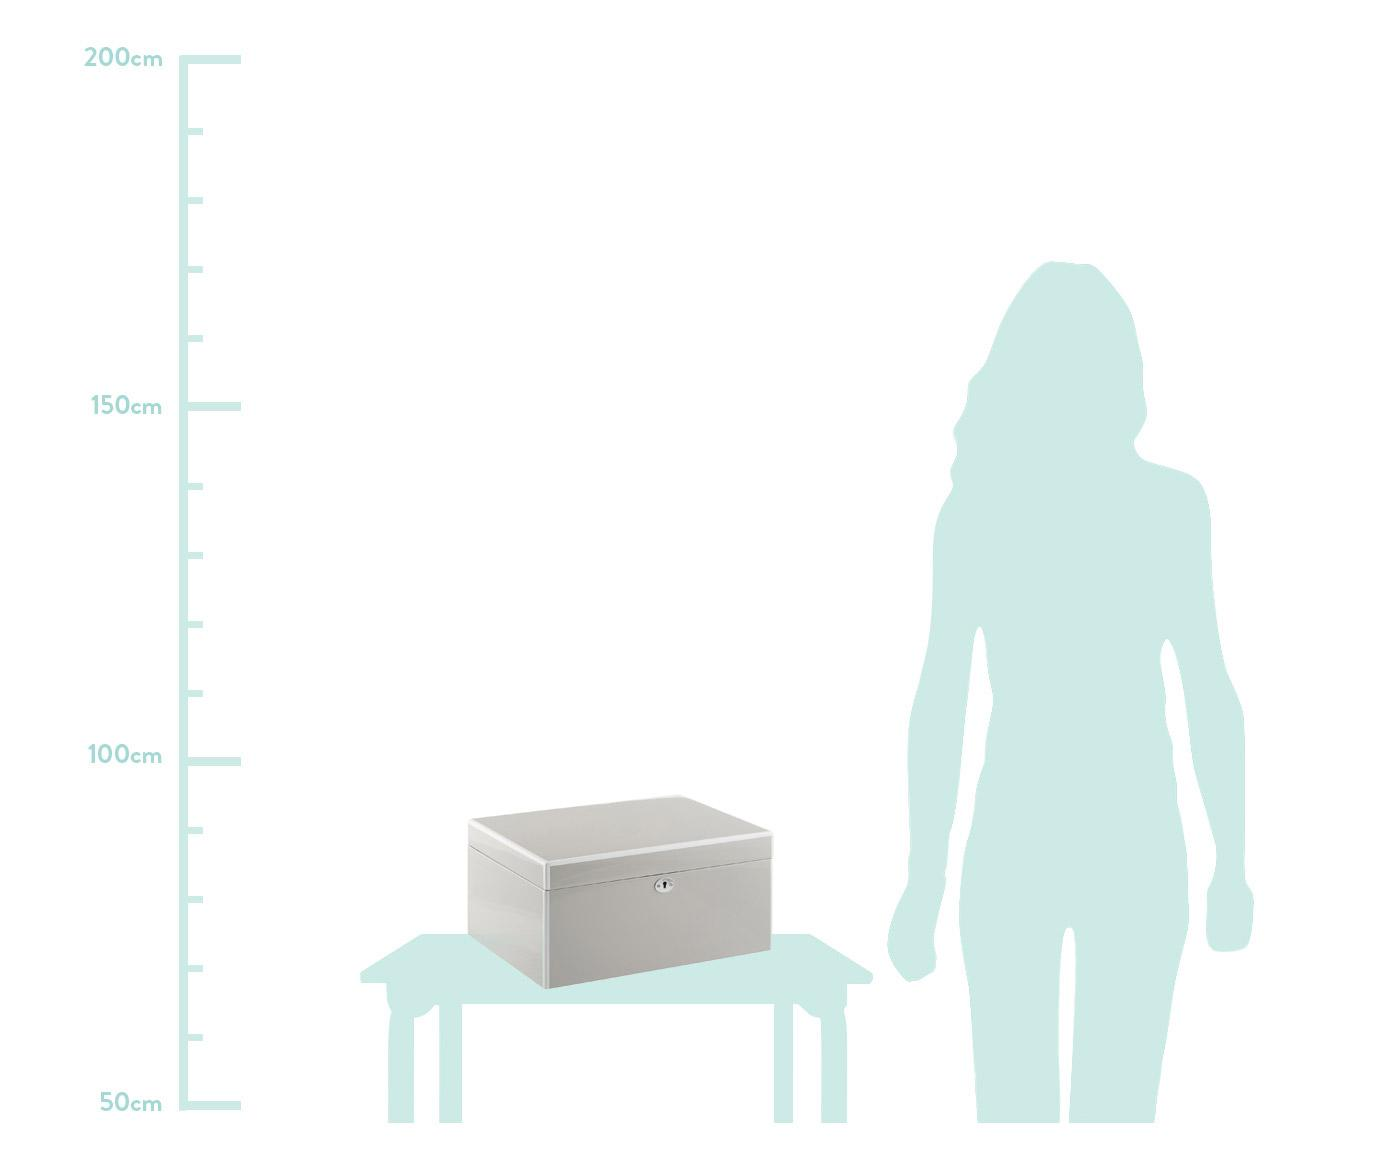 Schmuckbox Juliana mit Spiegel, Kästchen: Mitteldichte Holzfaserpla, Unterseite: Samt zur Schonung der Möb, Grau mit weisser Kante, 31 x 16 cm